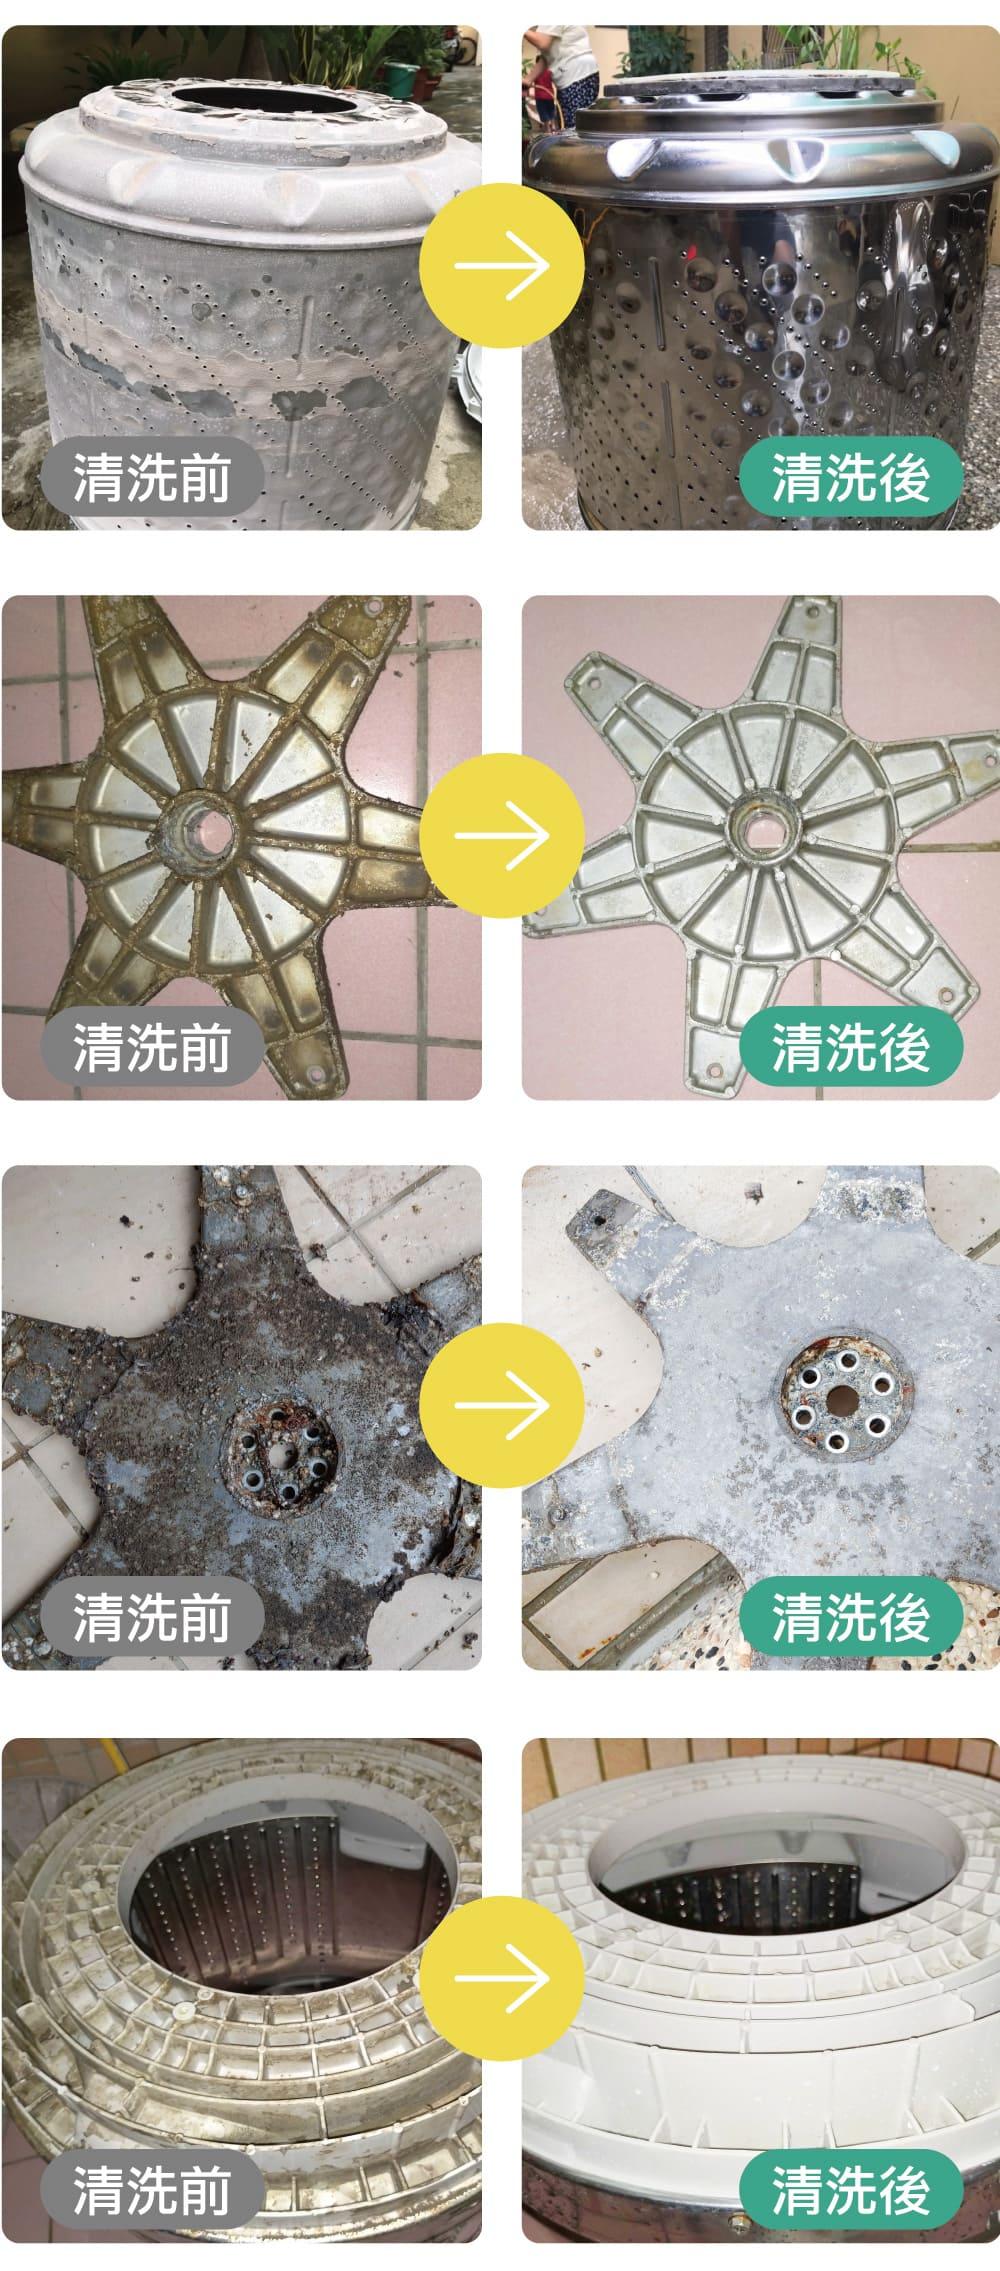 洗衣機潮溼發霉,需定期清洗洗衣機